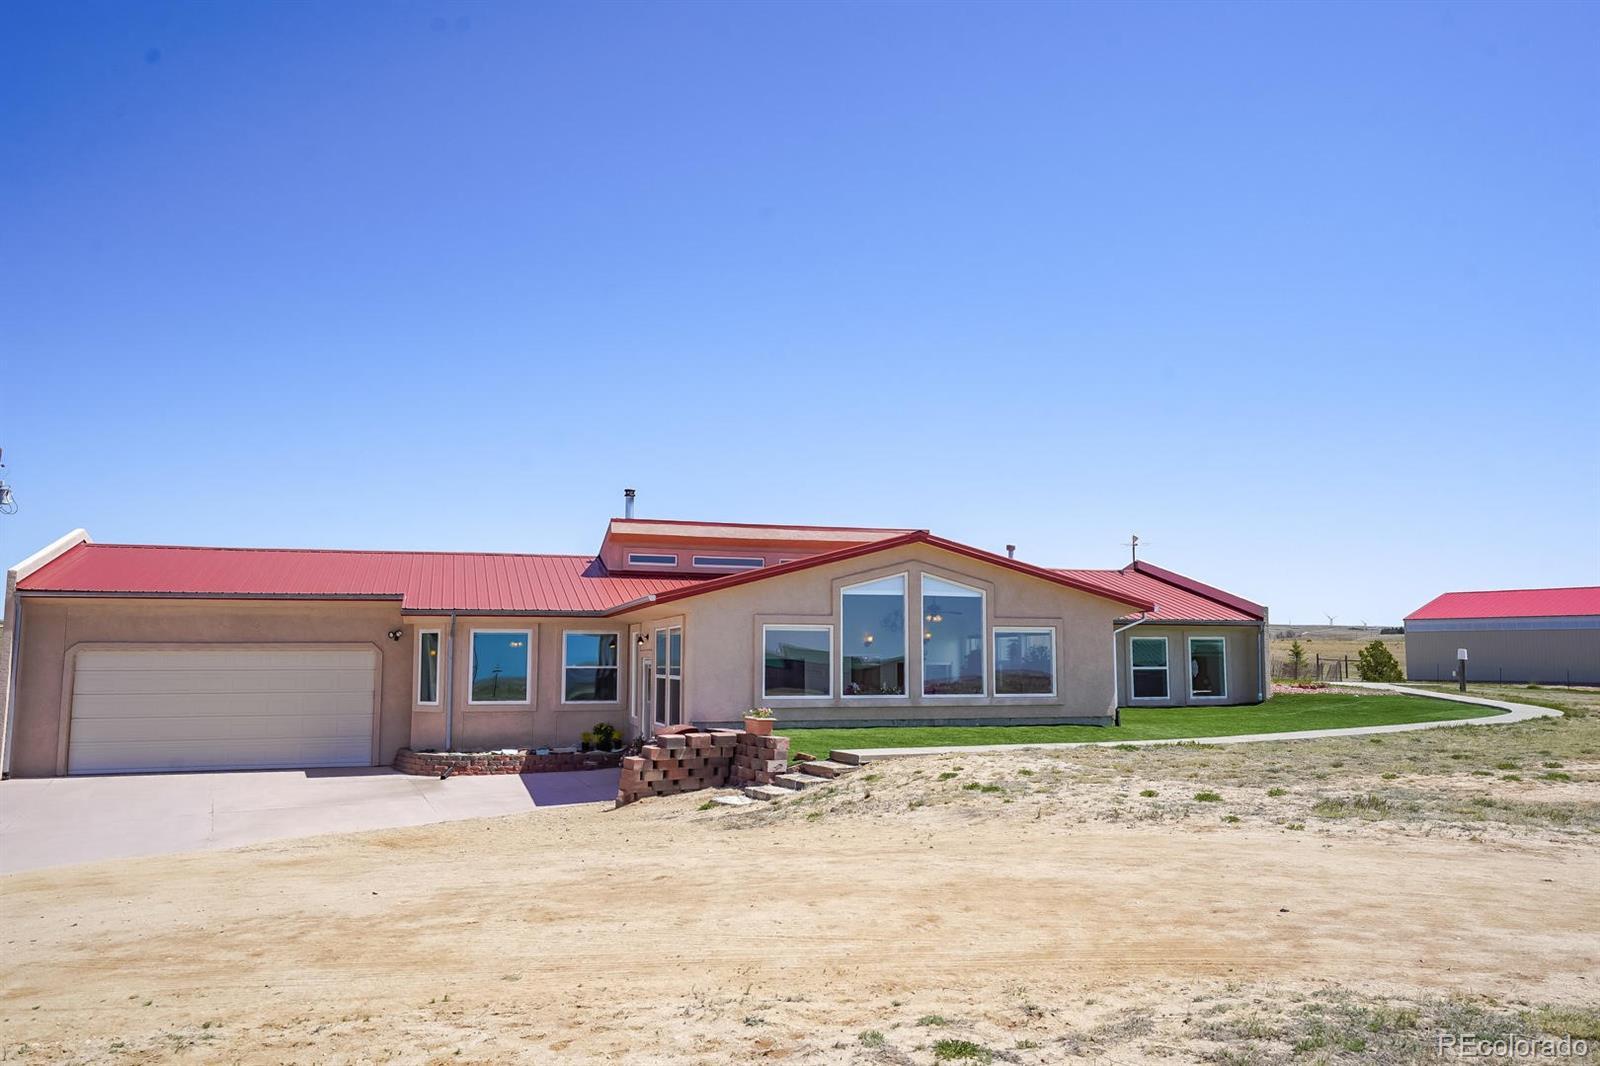 25625 Judge Orr Road, Calhan, CO 80808 - Calhan, CO real estate listing